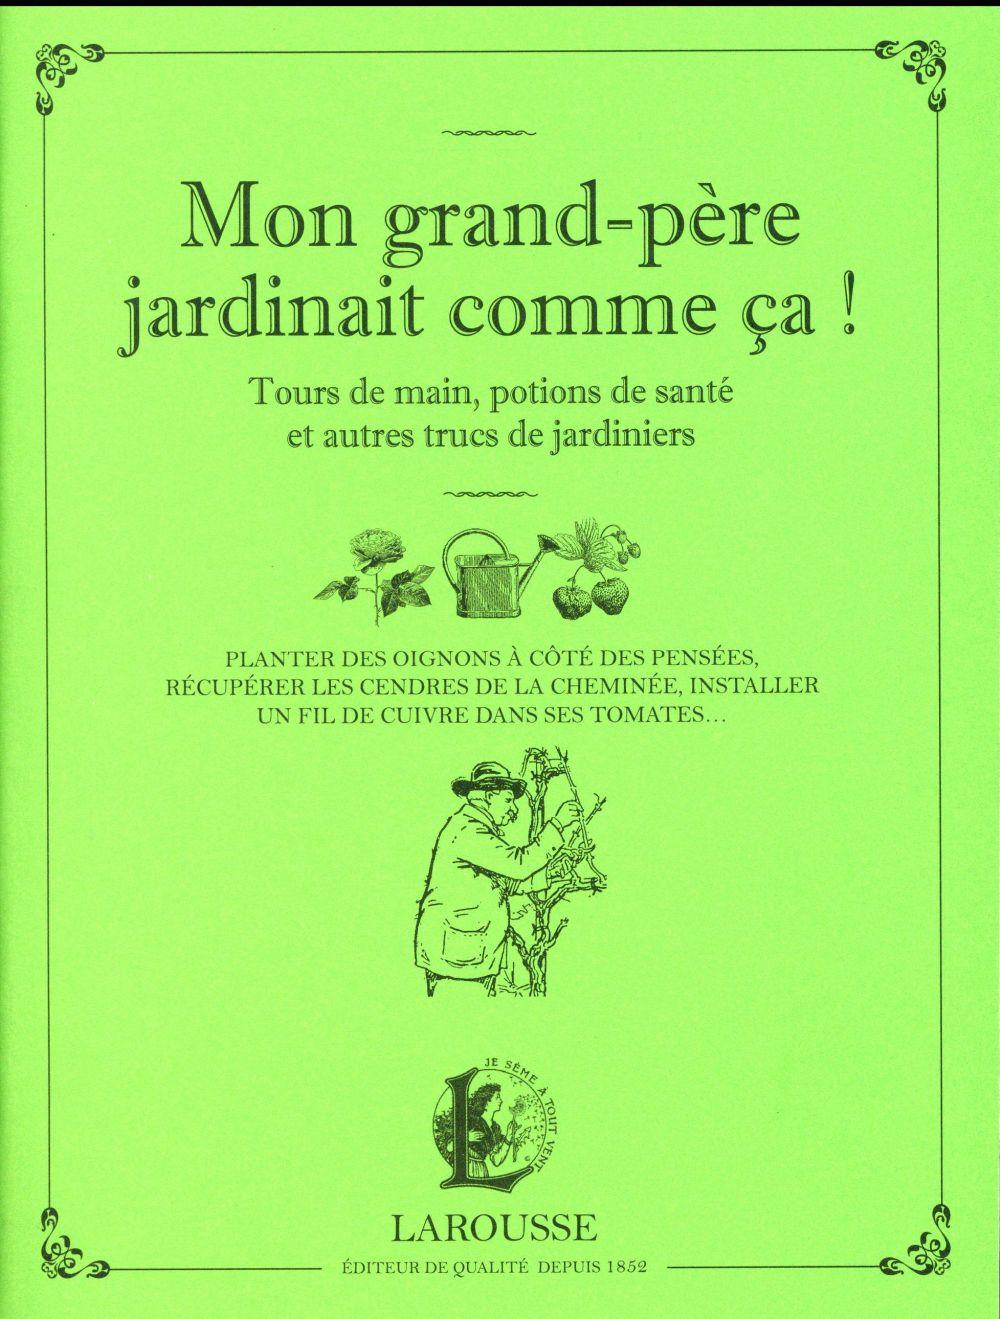 https://webservice-livre.tmic-ellipses.com/couverture/9782035919762.jpg Schall Serge Larousse